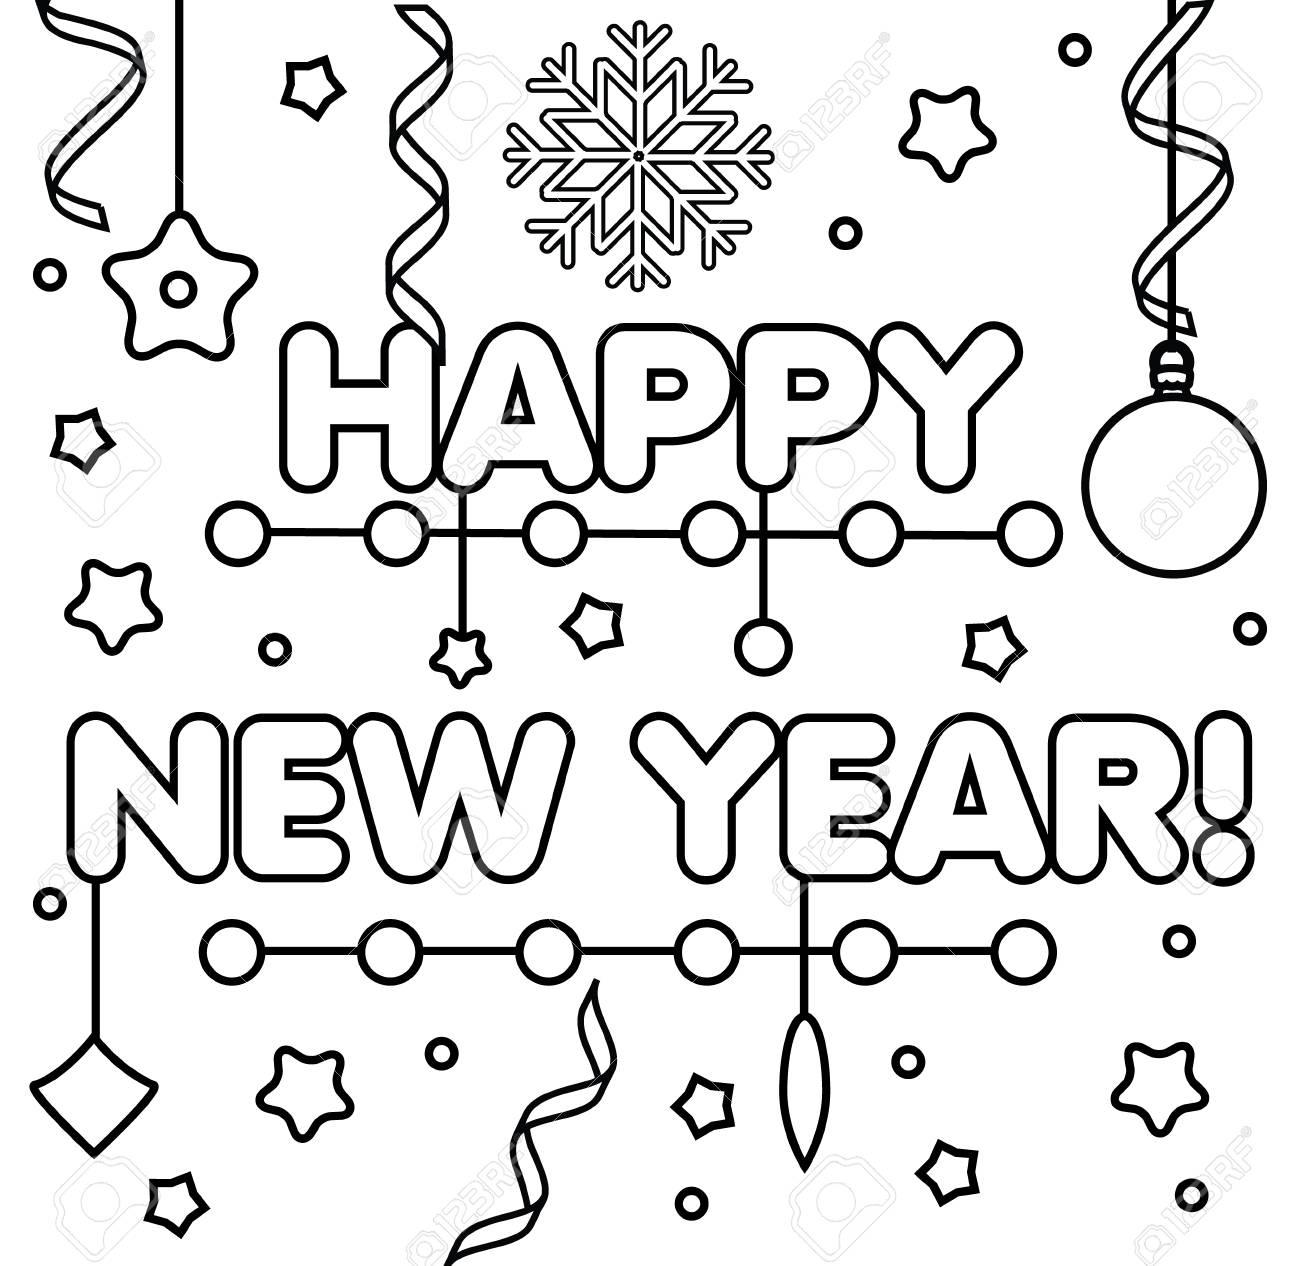 Farbtonseite Mit Guten Rutsch Ins Neue Jahr-Text, Schneeflocken Und ...